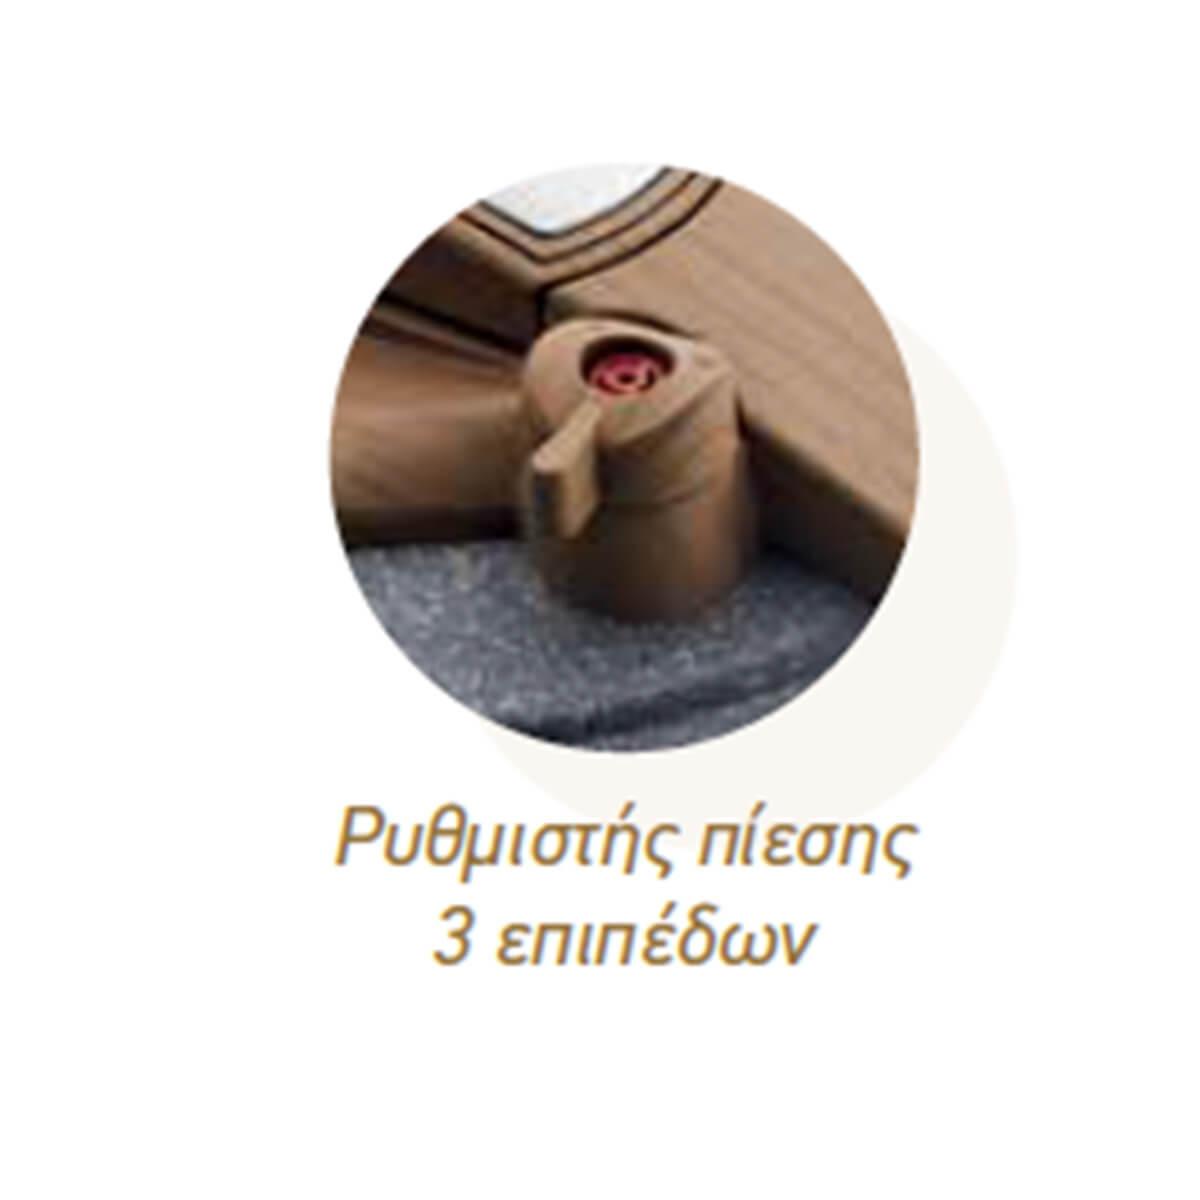 PYRAMIS ΧΥΤΡΑ ΤΑΧΥΤΗΤΑΣ NOVELTA 6 ΛΙΤΡΑ (∅22 cm) 5